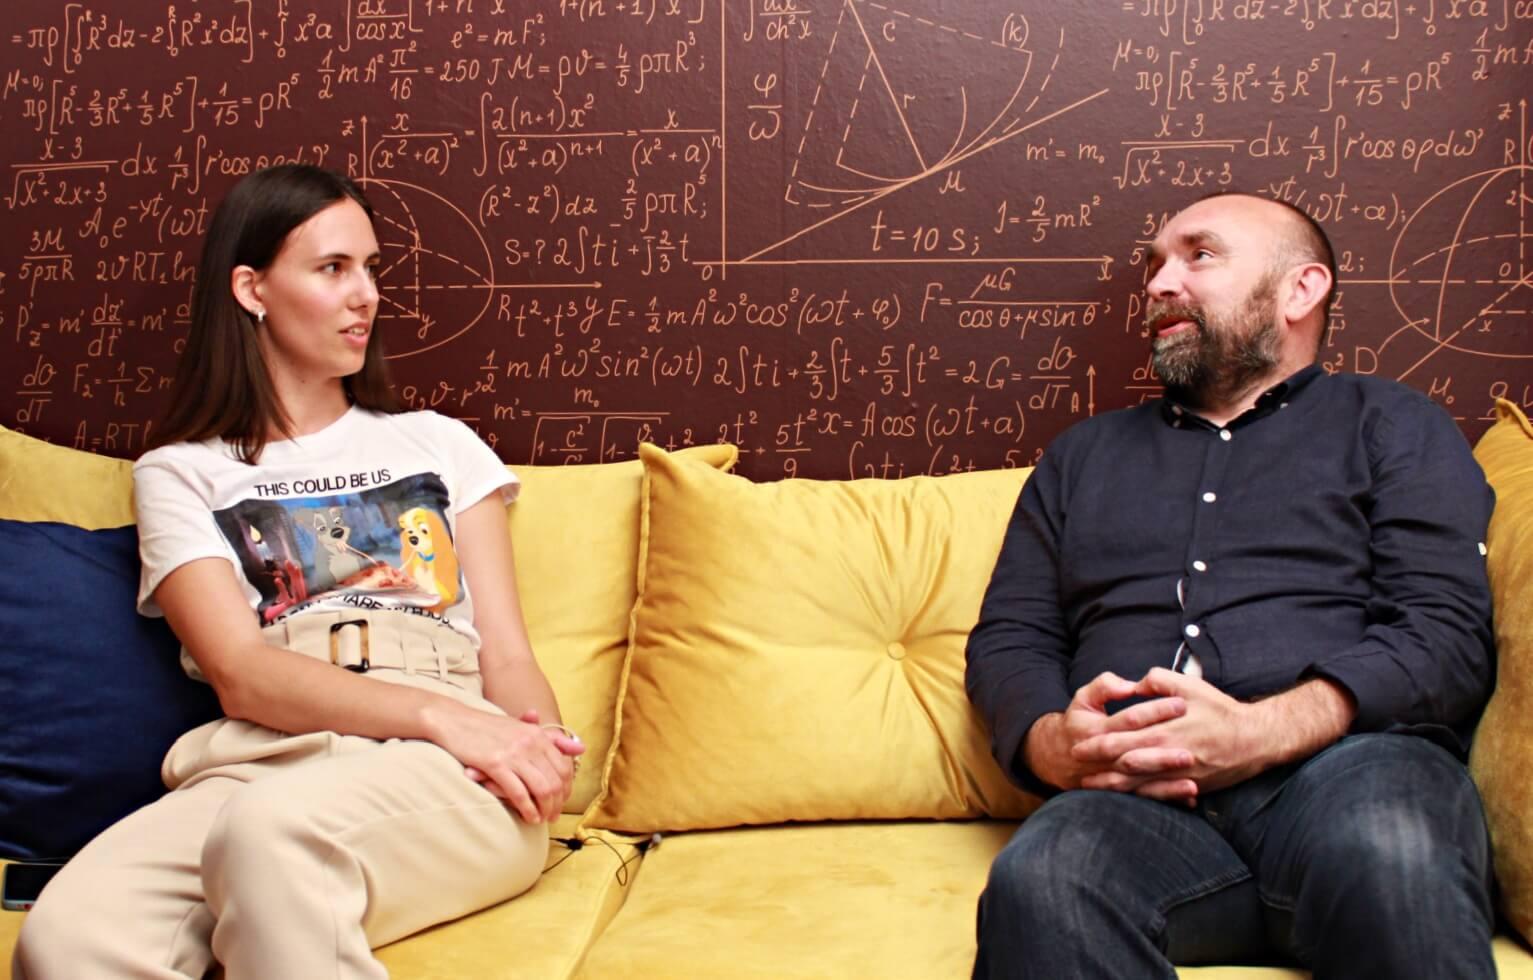 [Video] Berto Šalaj gostovao u našem podcastu: Objasnio zašto toliko celebrityja želi u Sabor